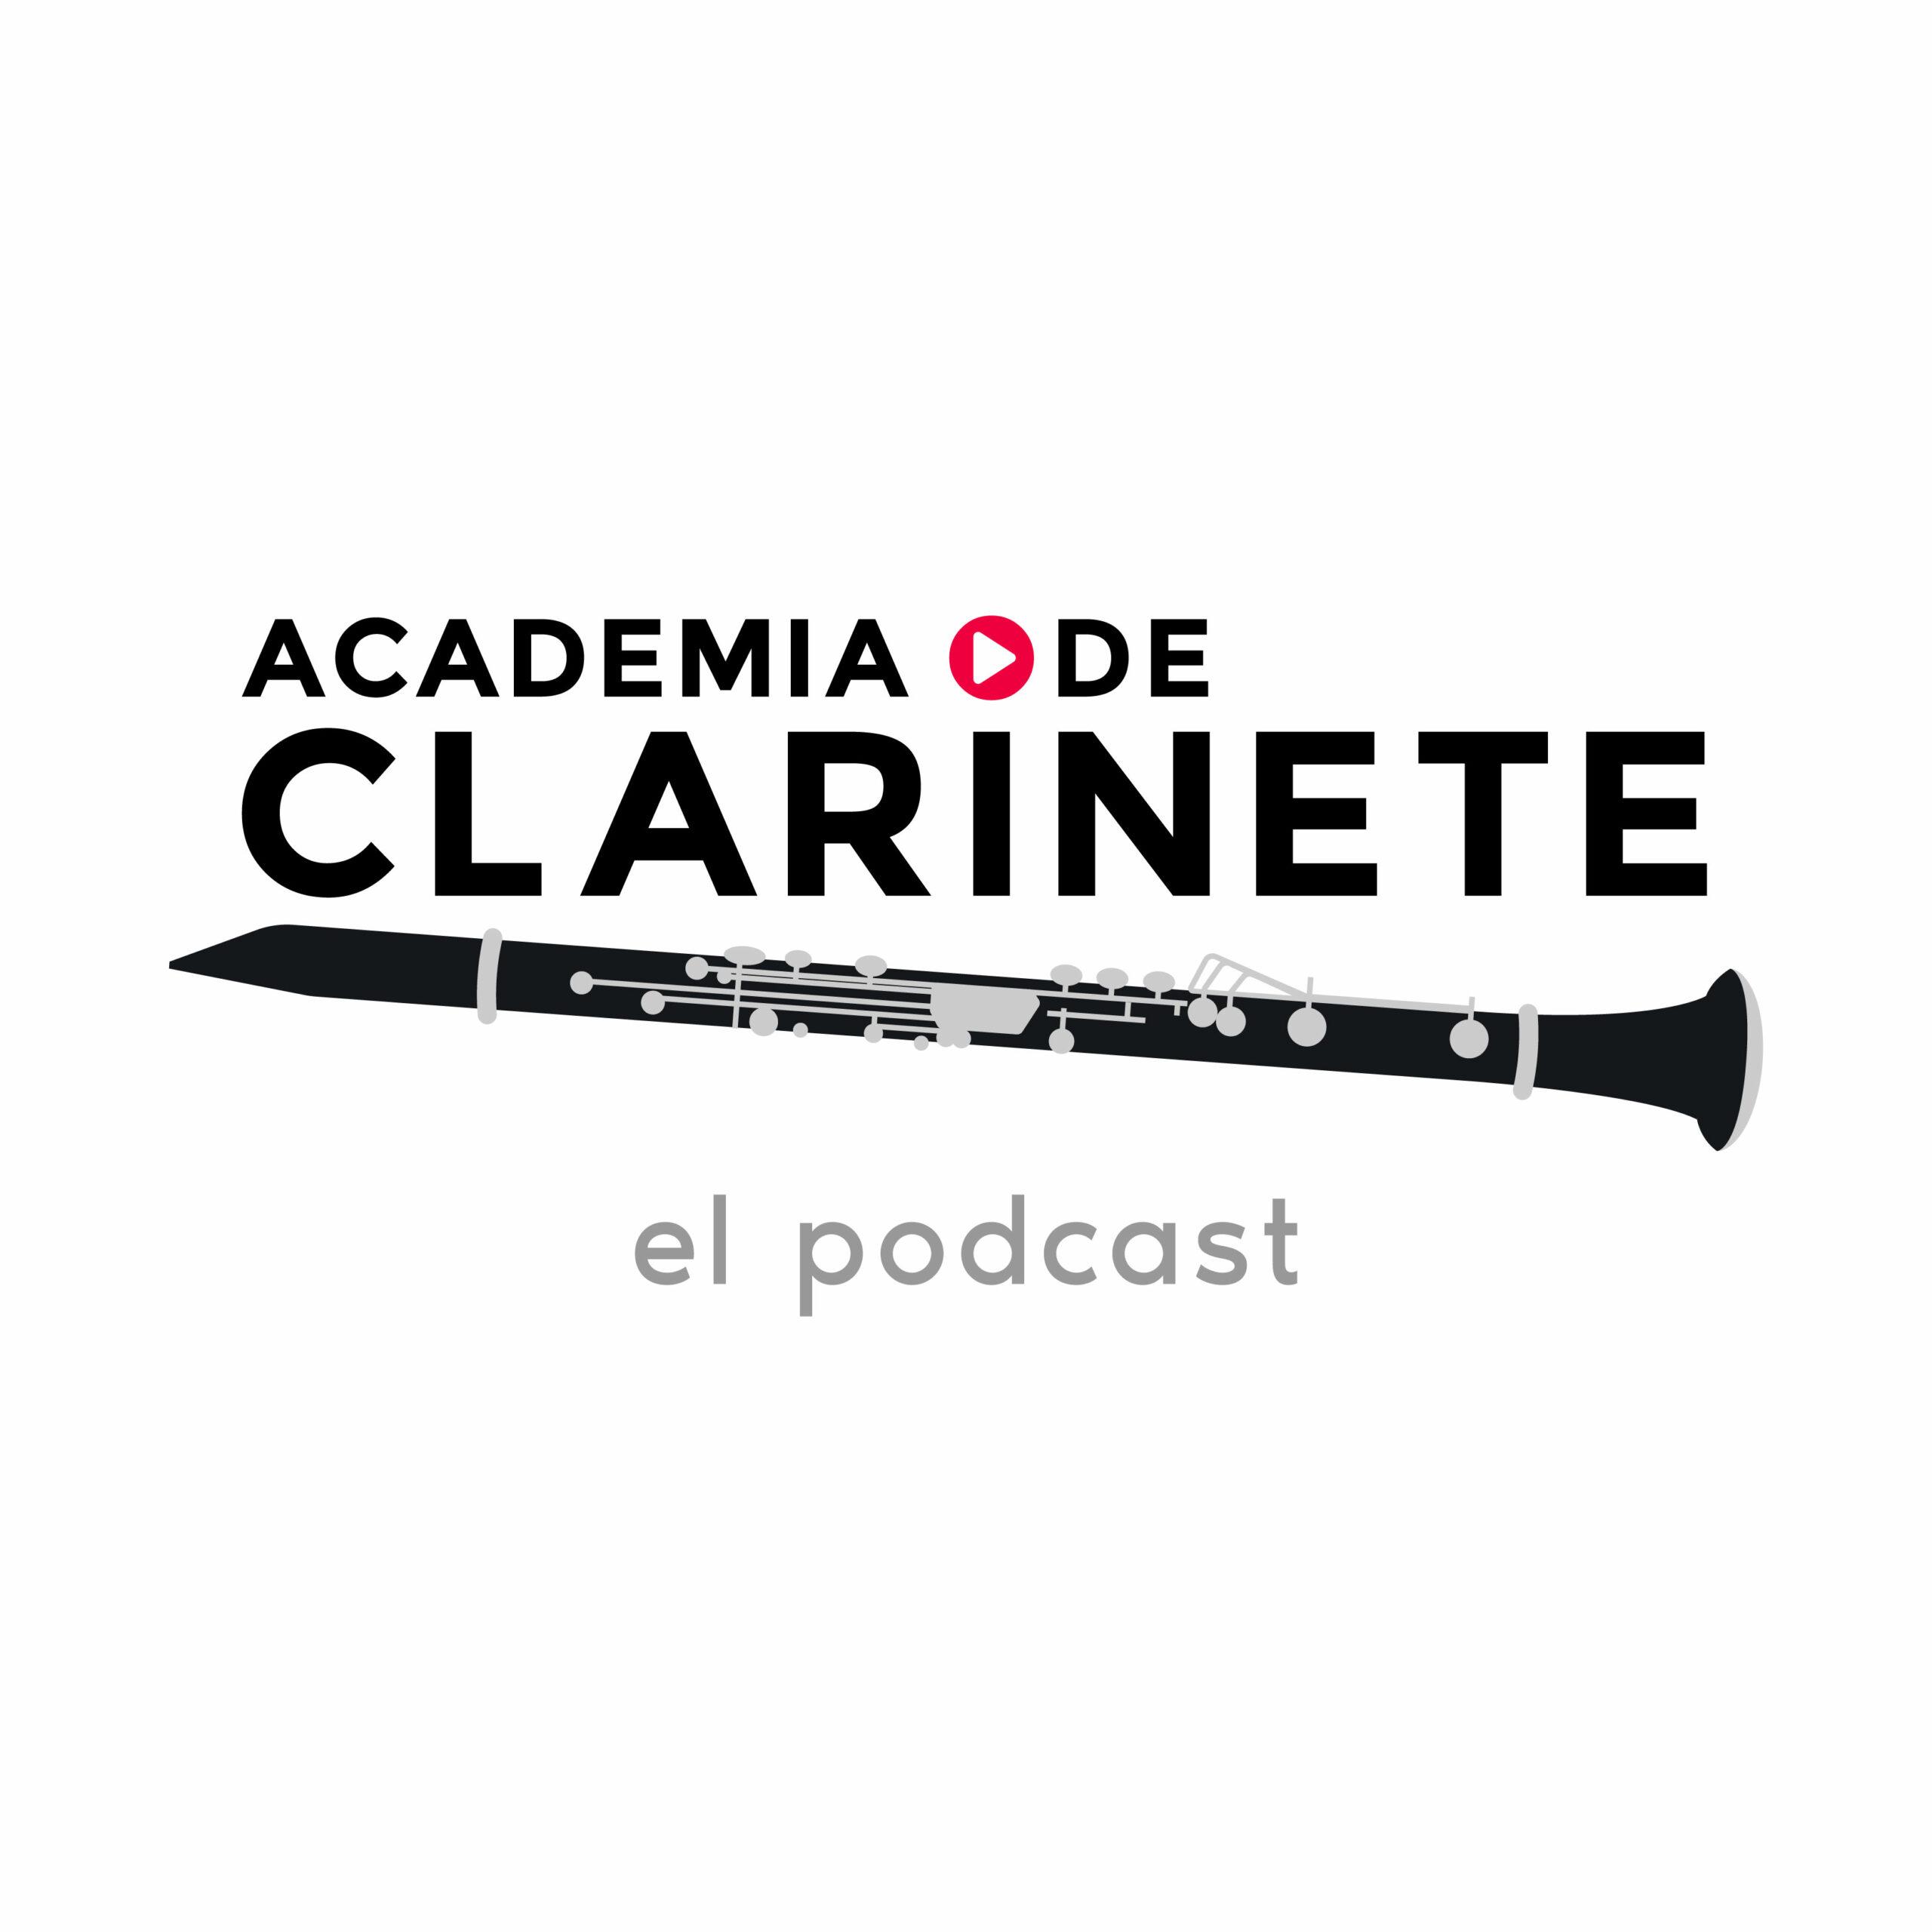 Academia de Clarinete el podcast